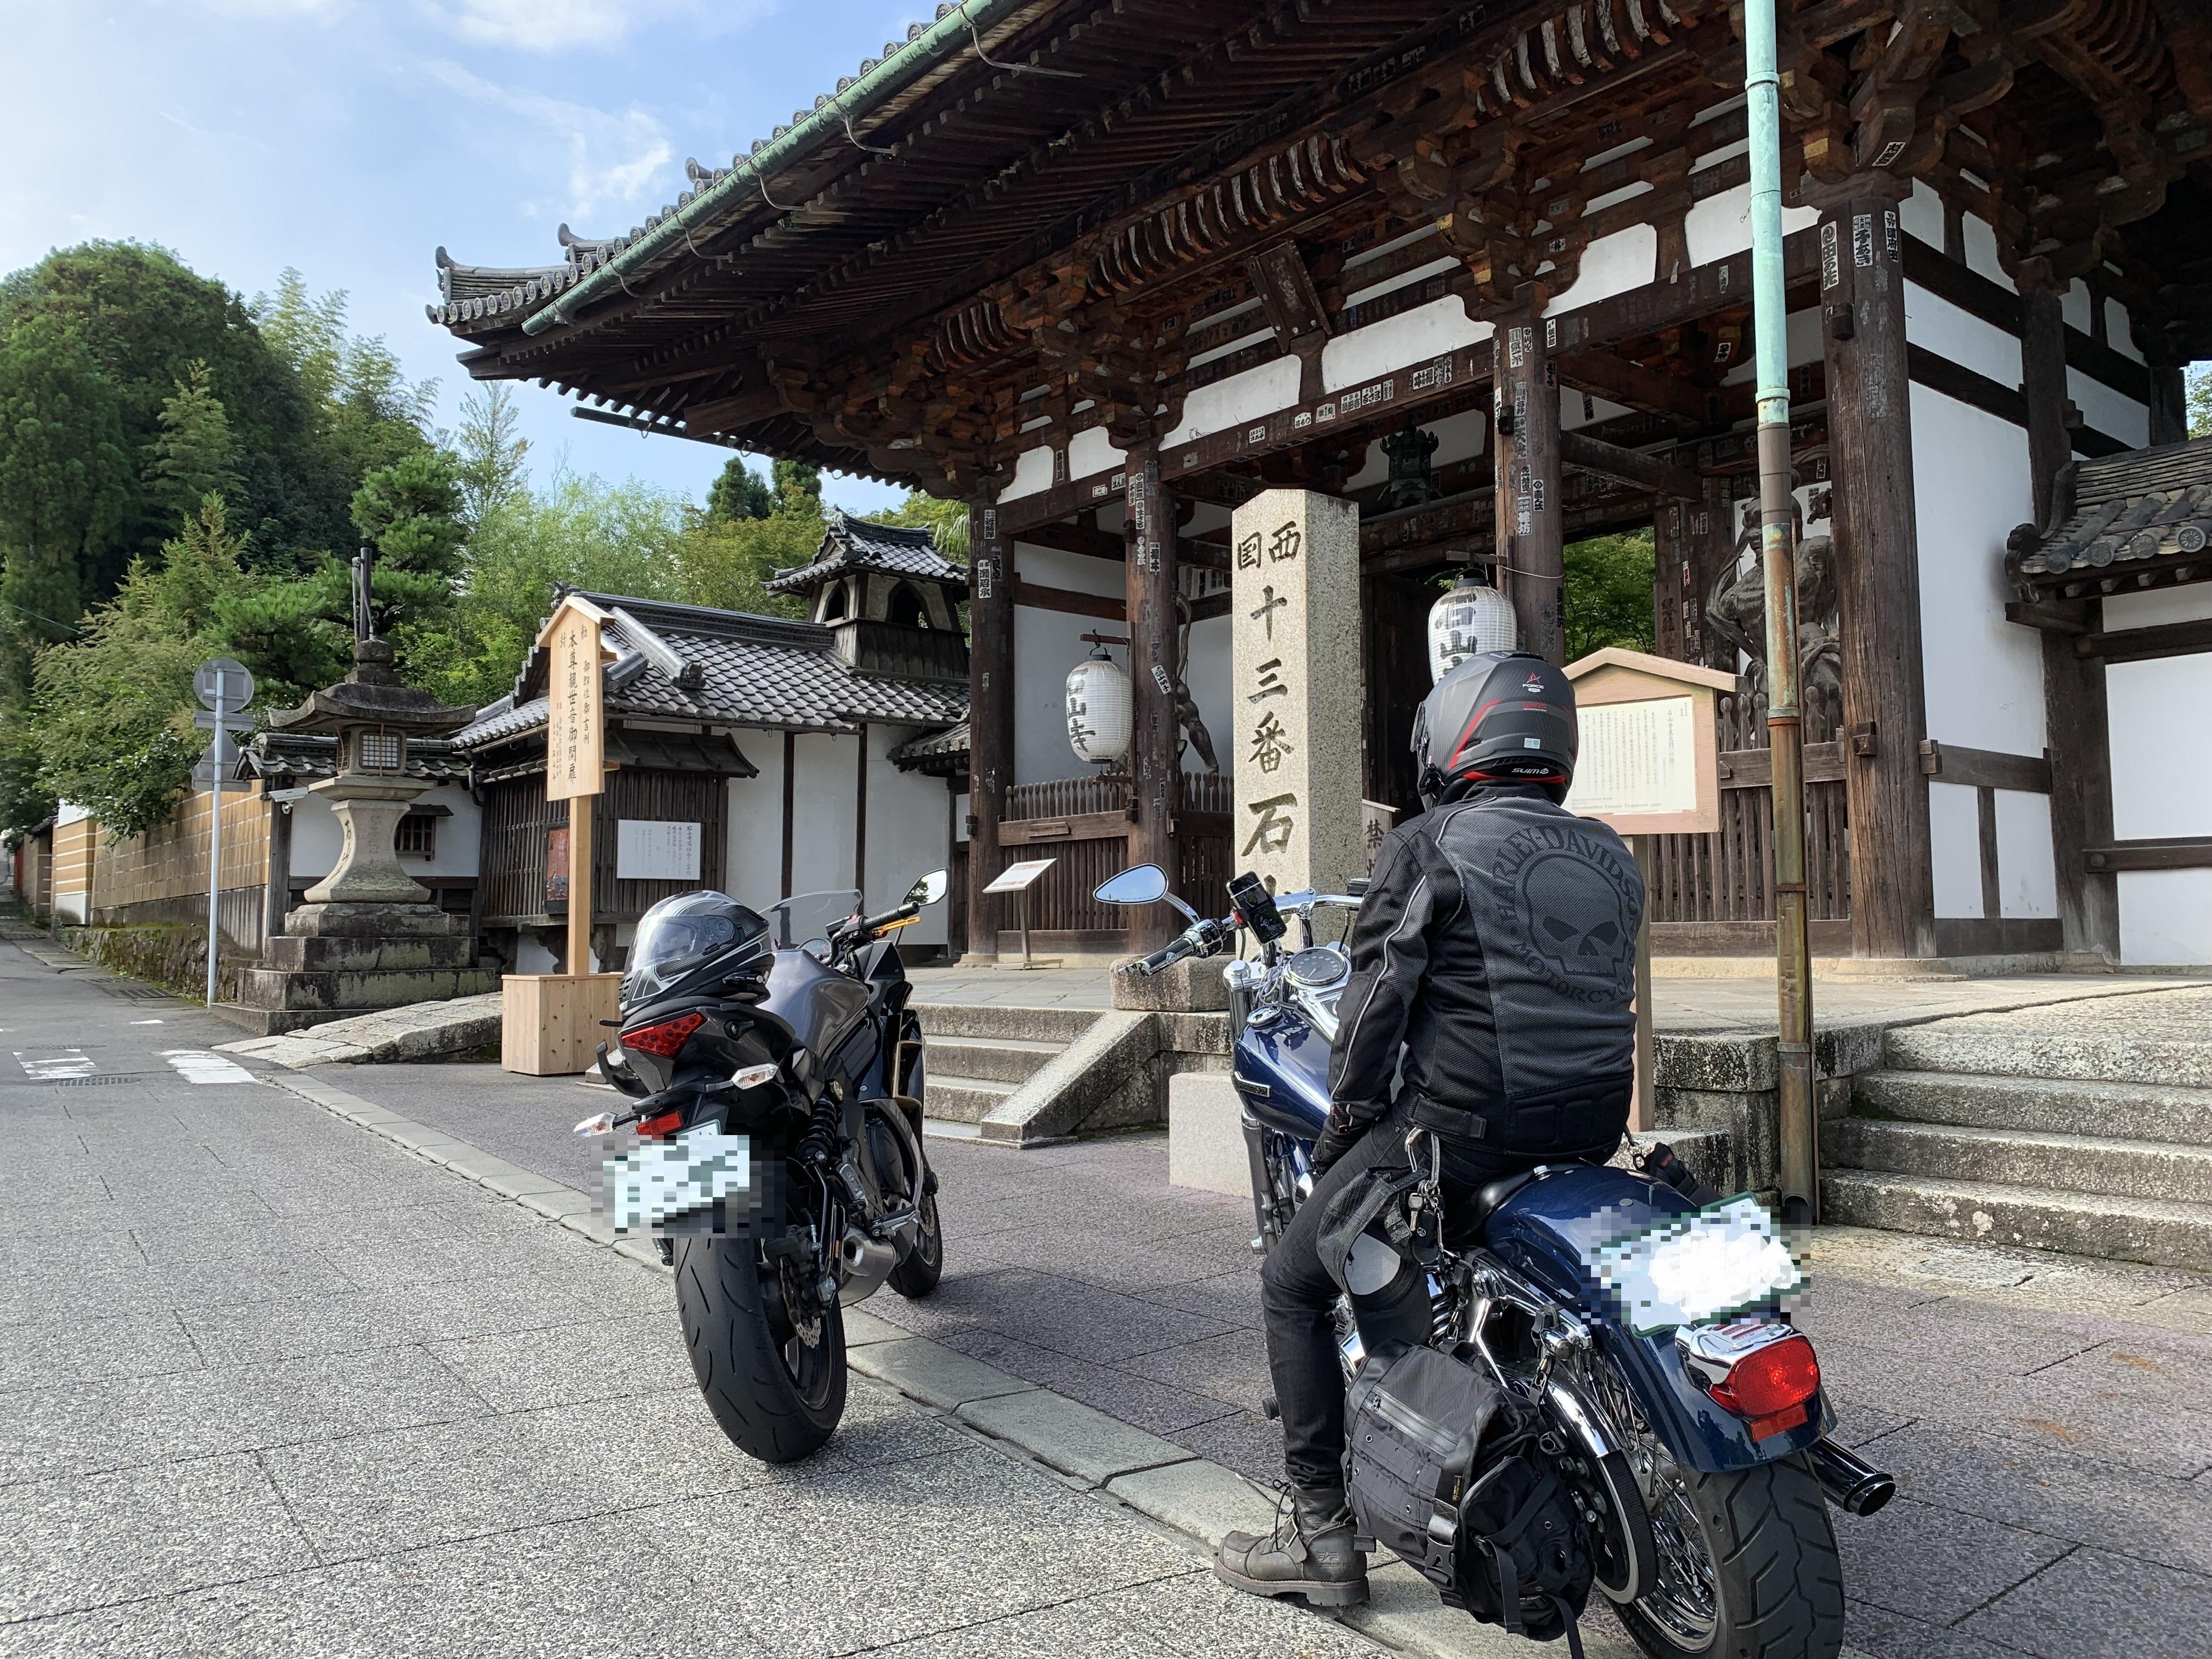 ハーレーとカワサキで行く近江八幡ツーリング 石山寺ぴーきち